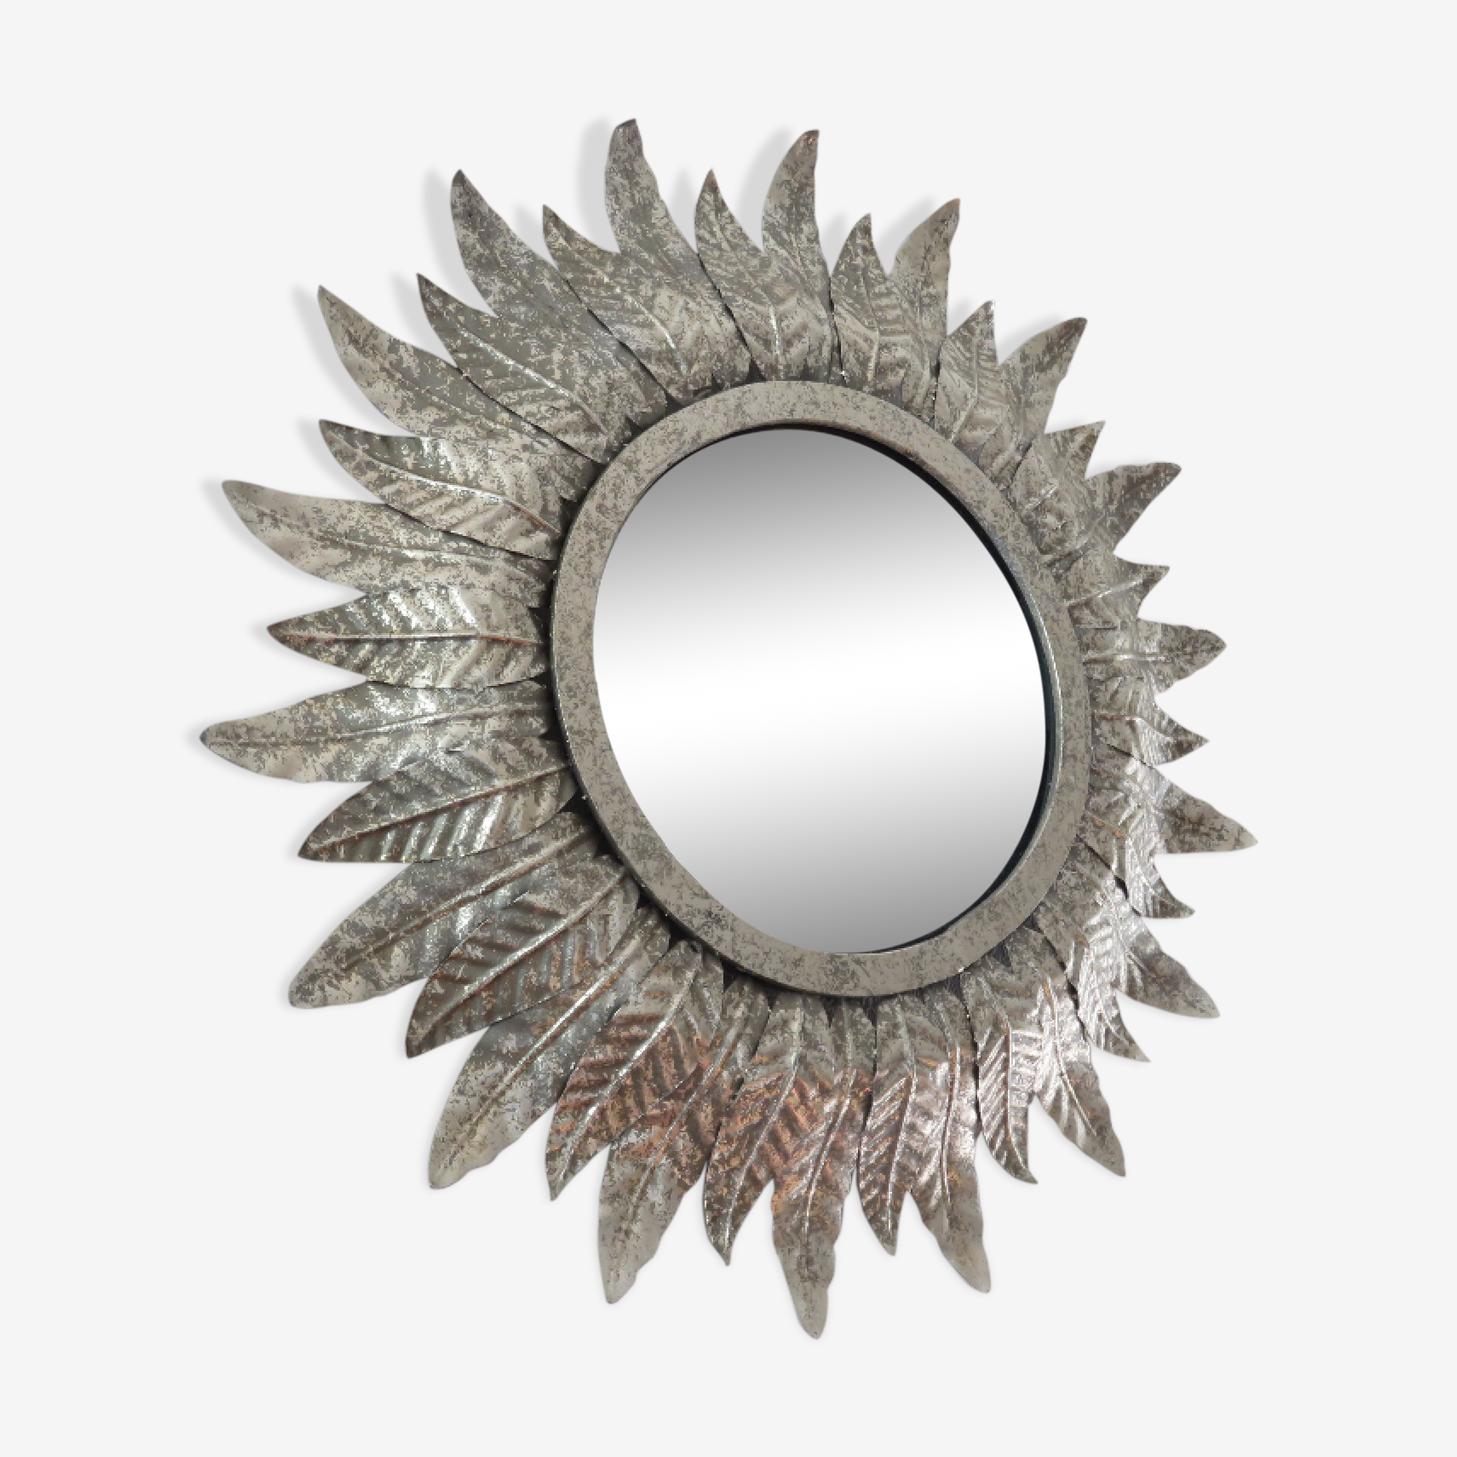 Miroir soleil oeil de sorcière métal argenté années 1970 41cm